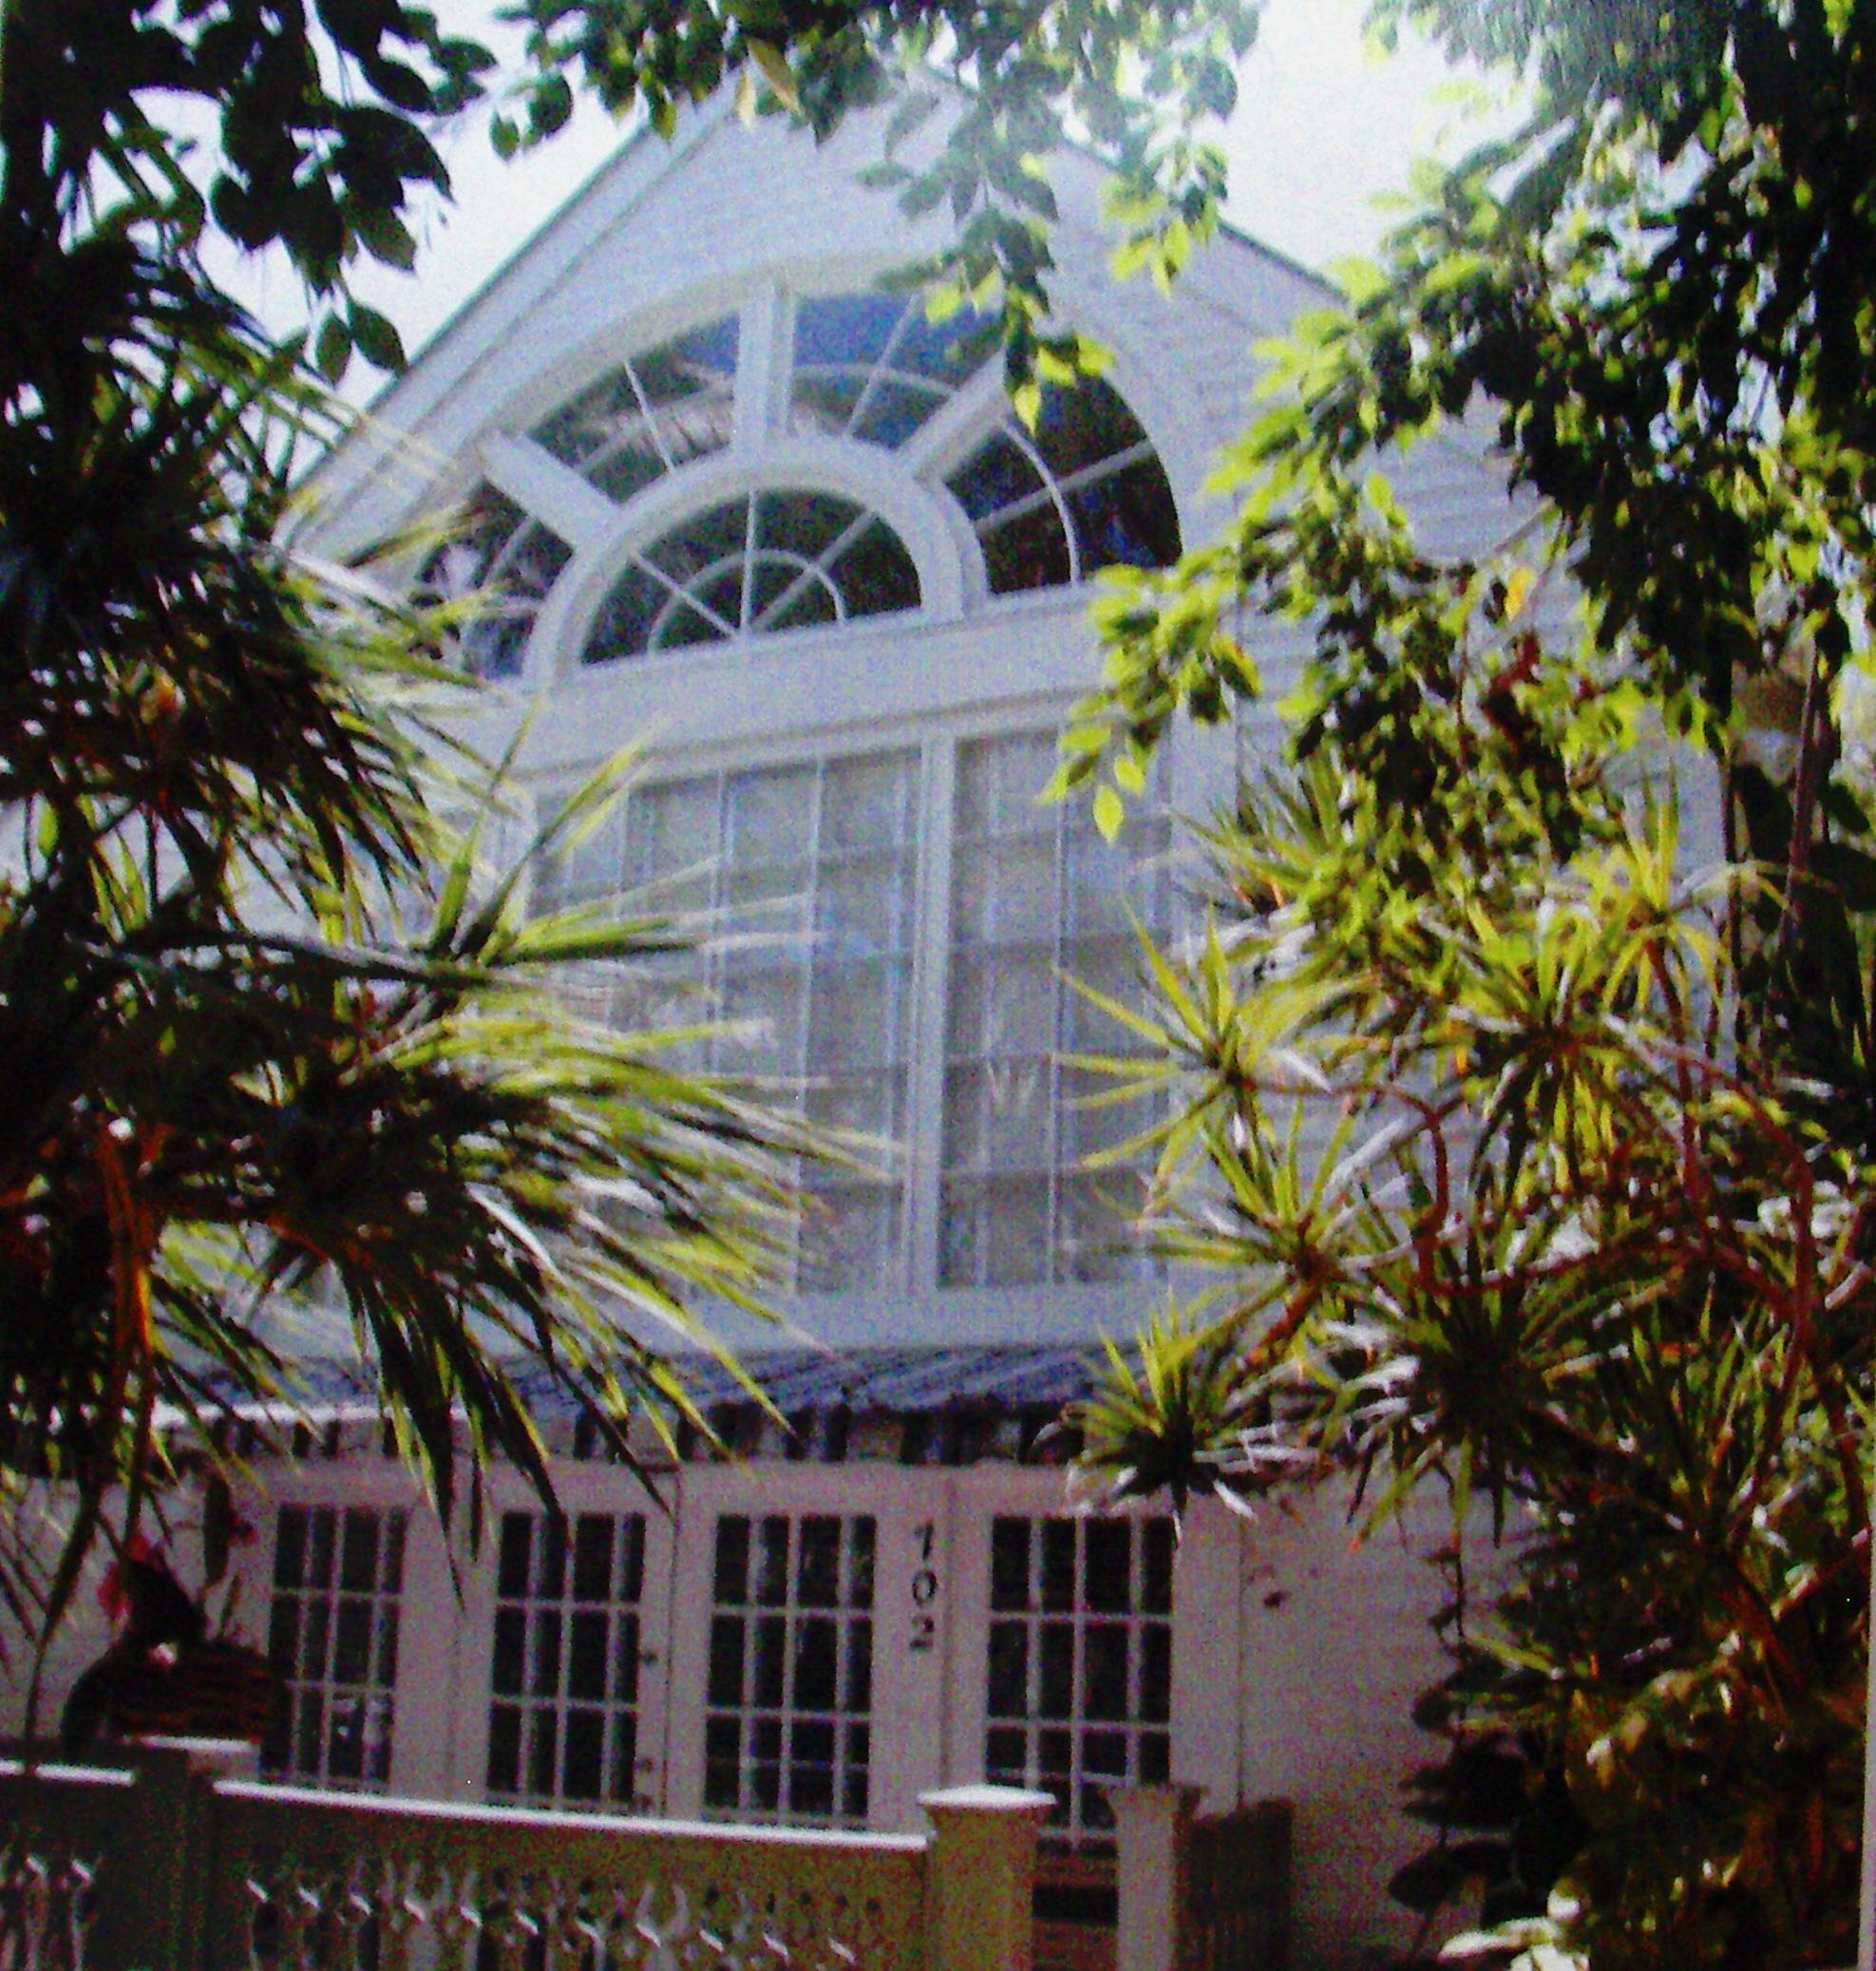 banyan tree resort hotel lodging key west fl. Black Bedroom Furniture Sets. Home Design Ideas